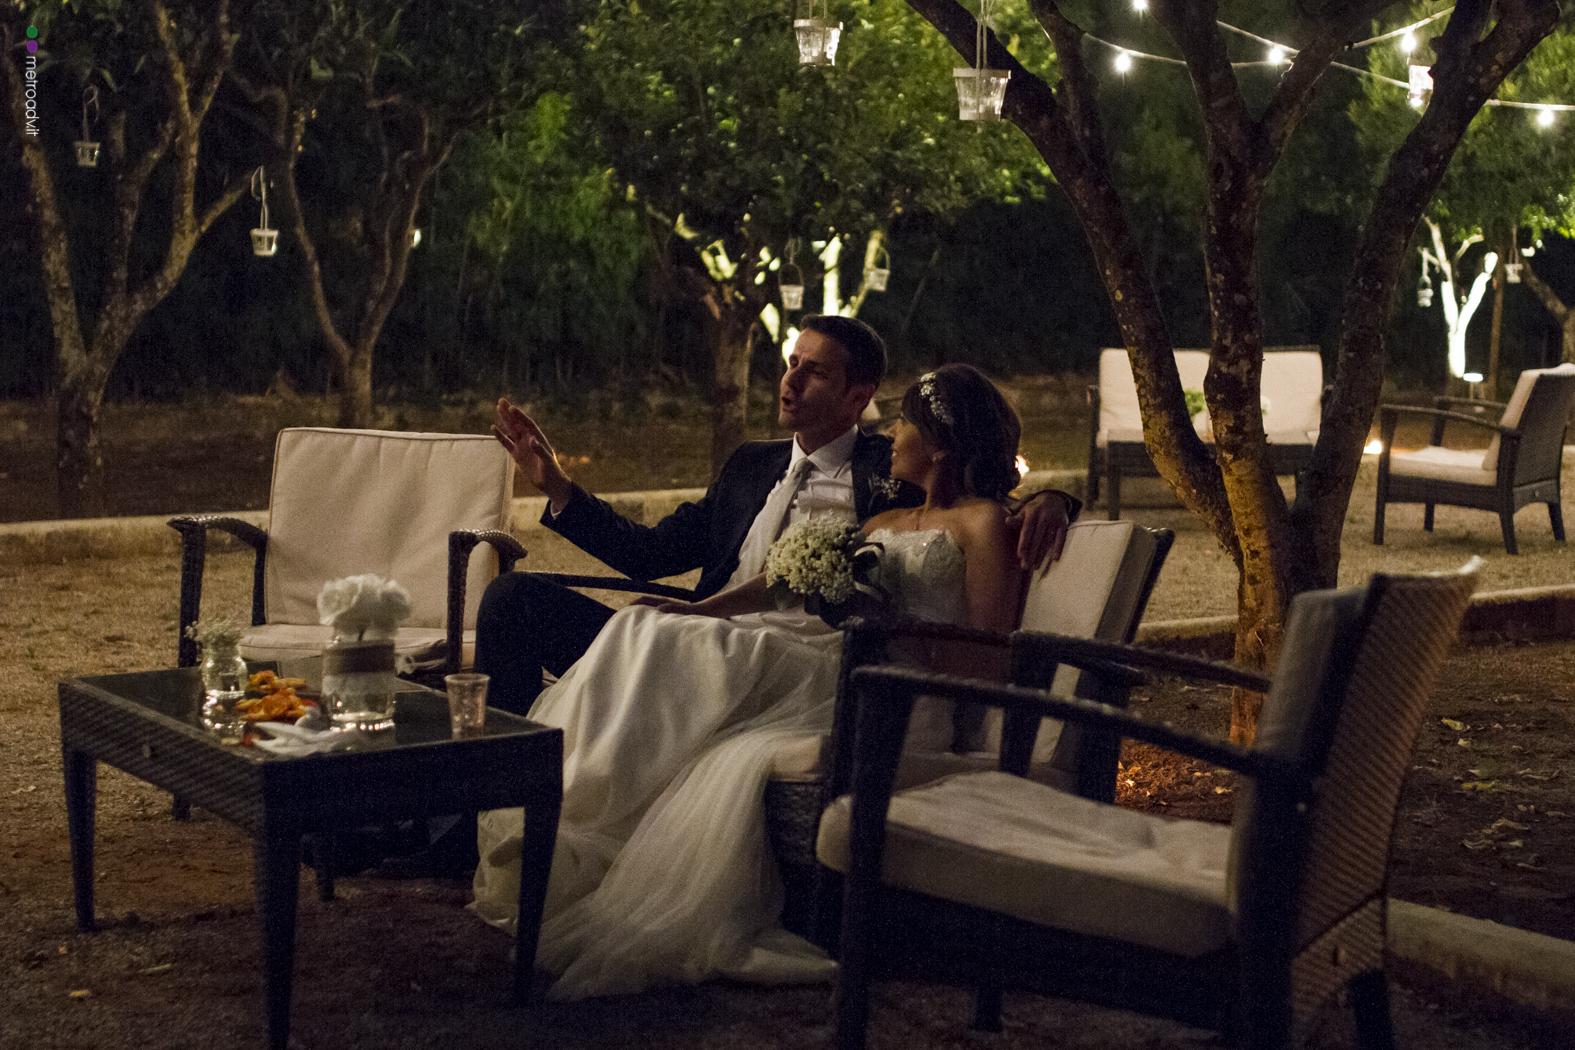 masseria-appide-matrimonio-boliviano-metropolitanadv-comunicazione-6979